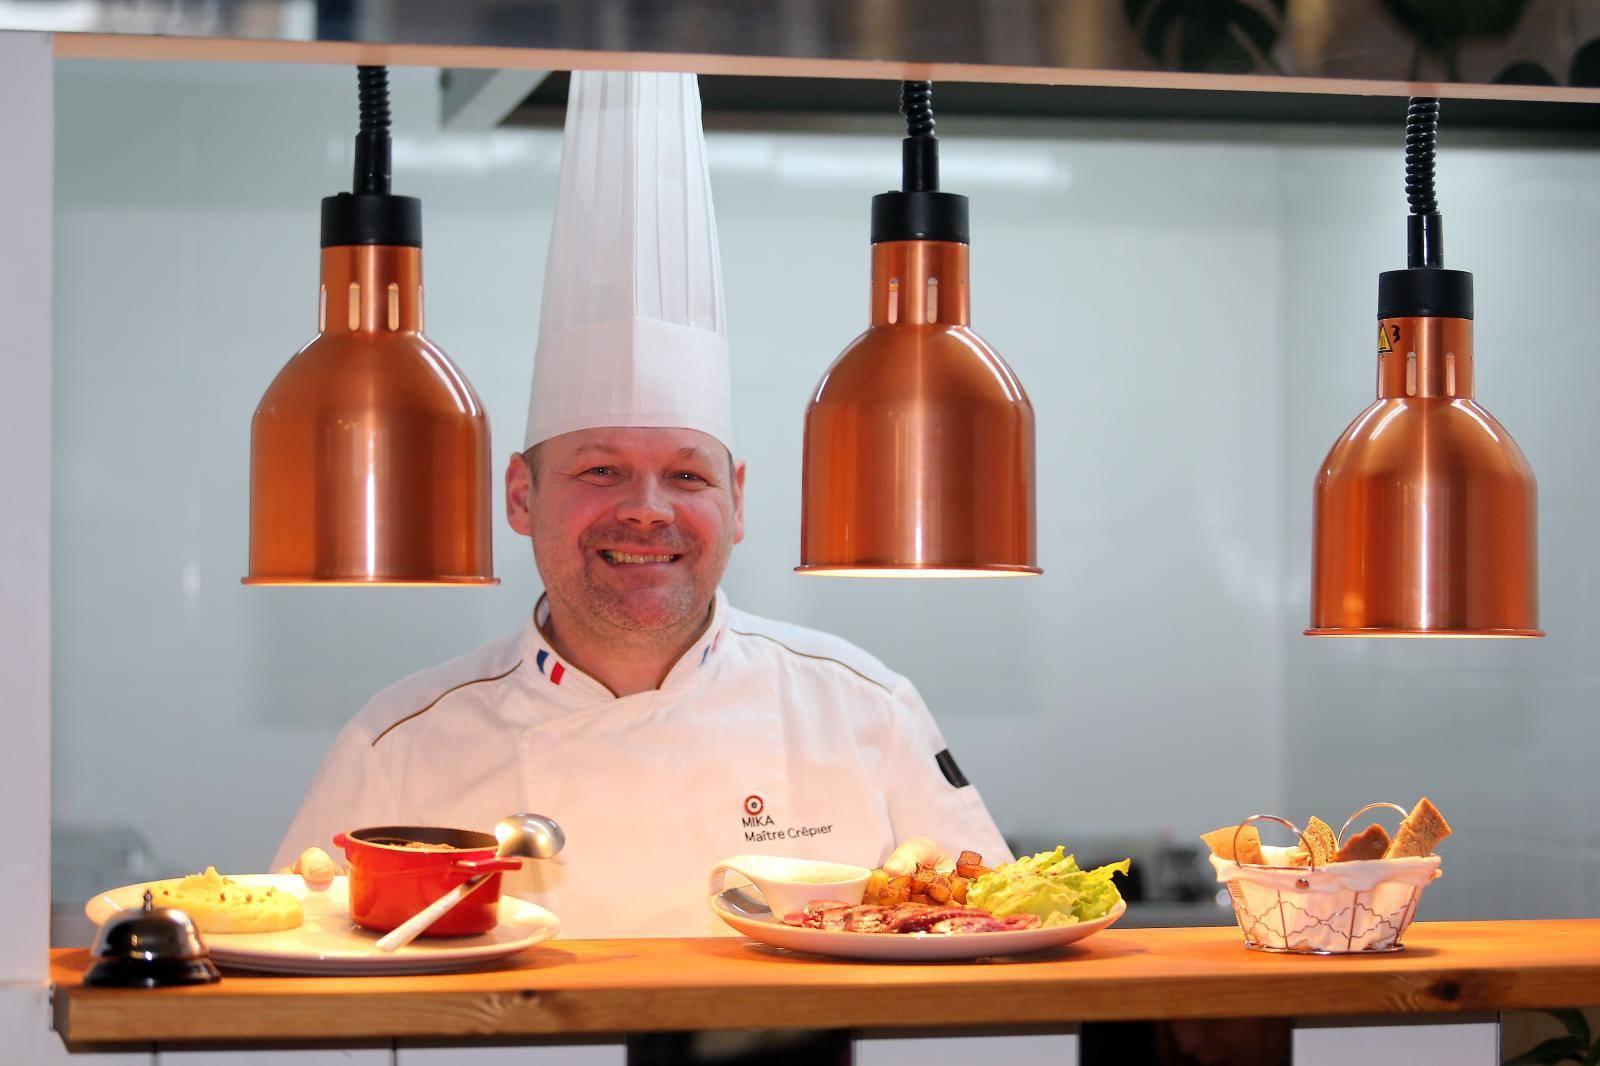 'Pogreške u kuhinji ne praštaju, disciplina je baš kao u vojsci'